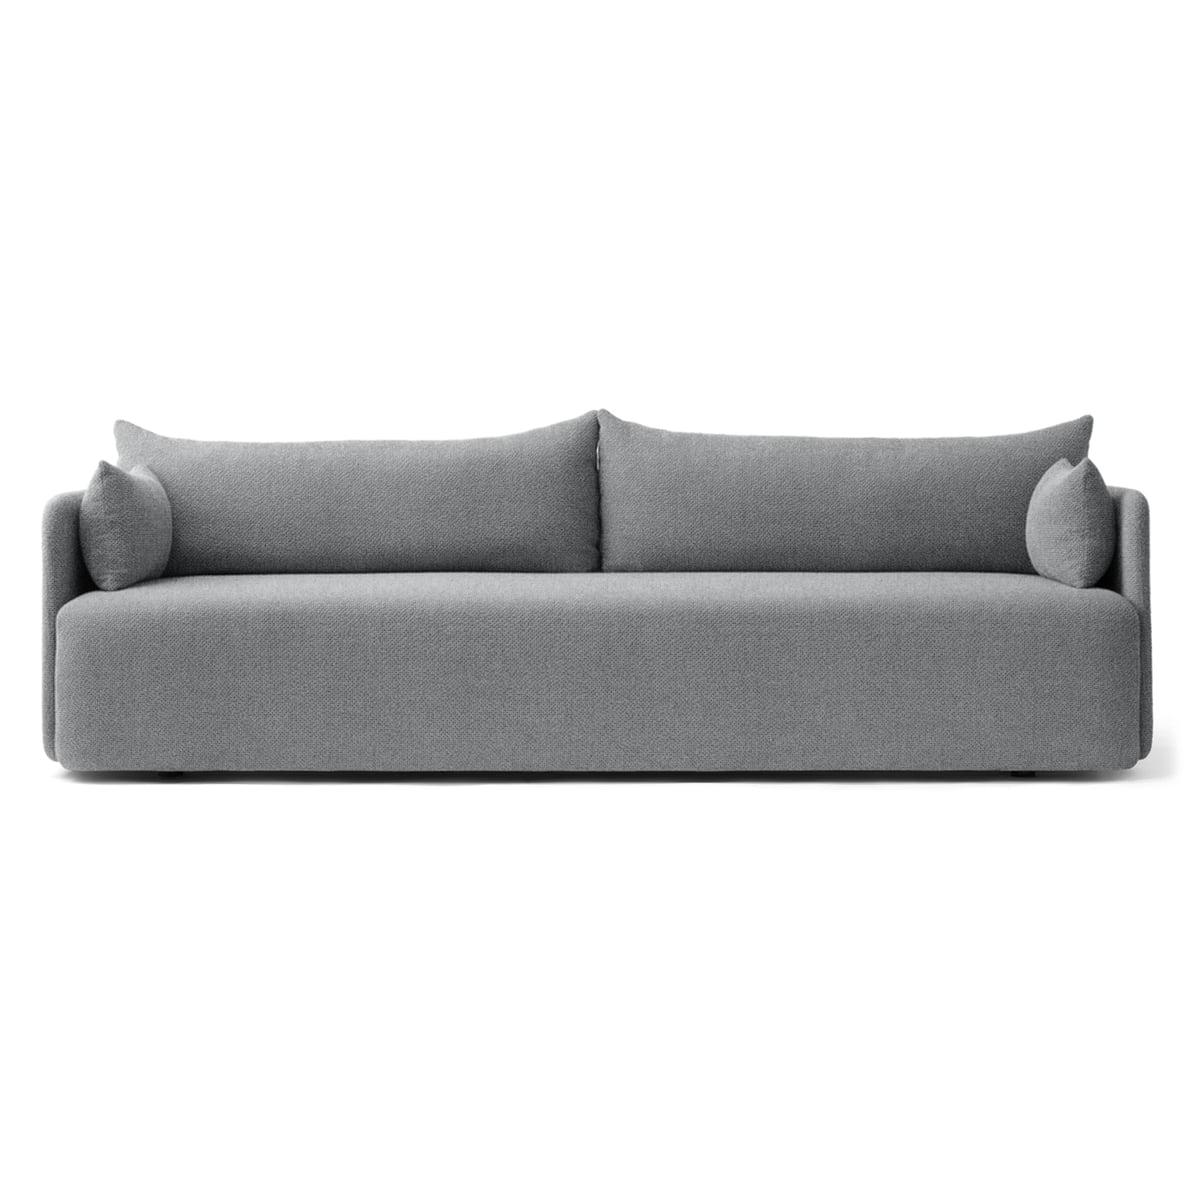 Menu offset sofa 3 sitzer hellgrau